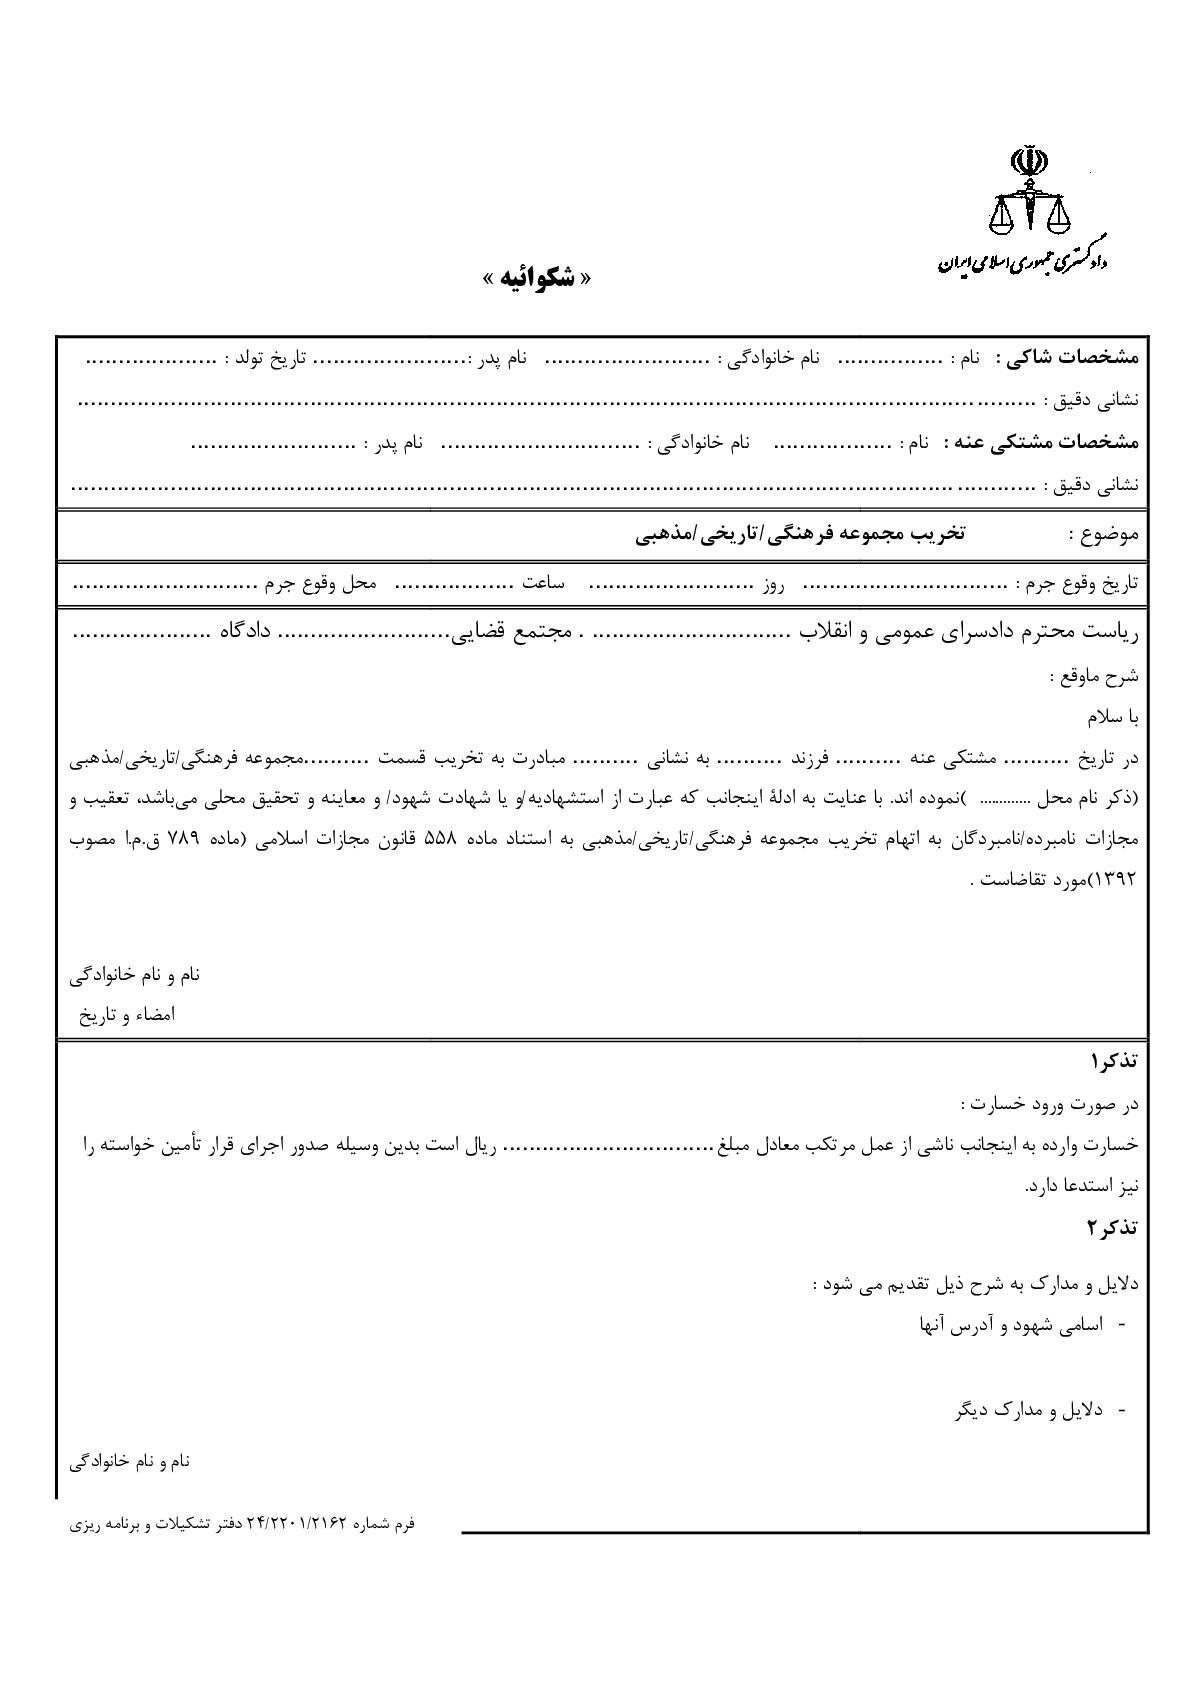 شکوائیه تخریب مجموعه فرهنگی/تاریخی/مذهبی